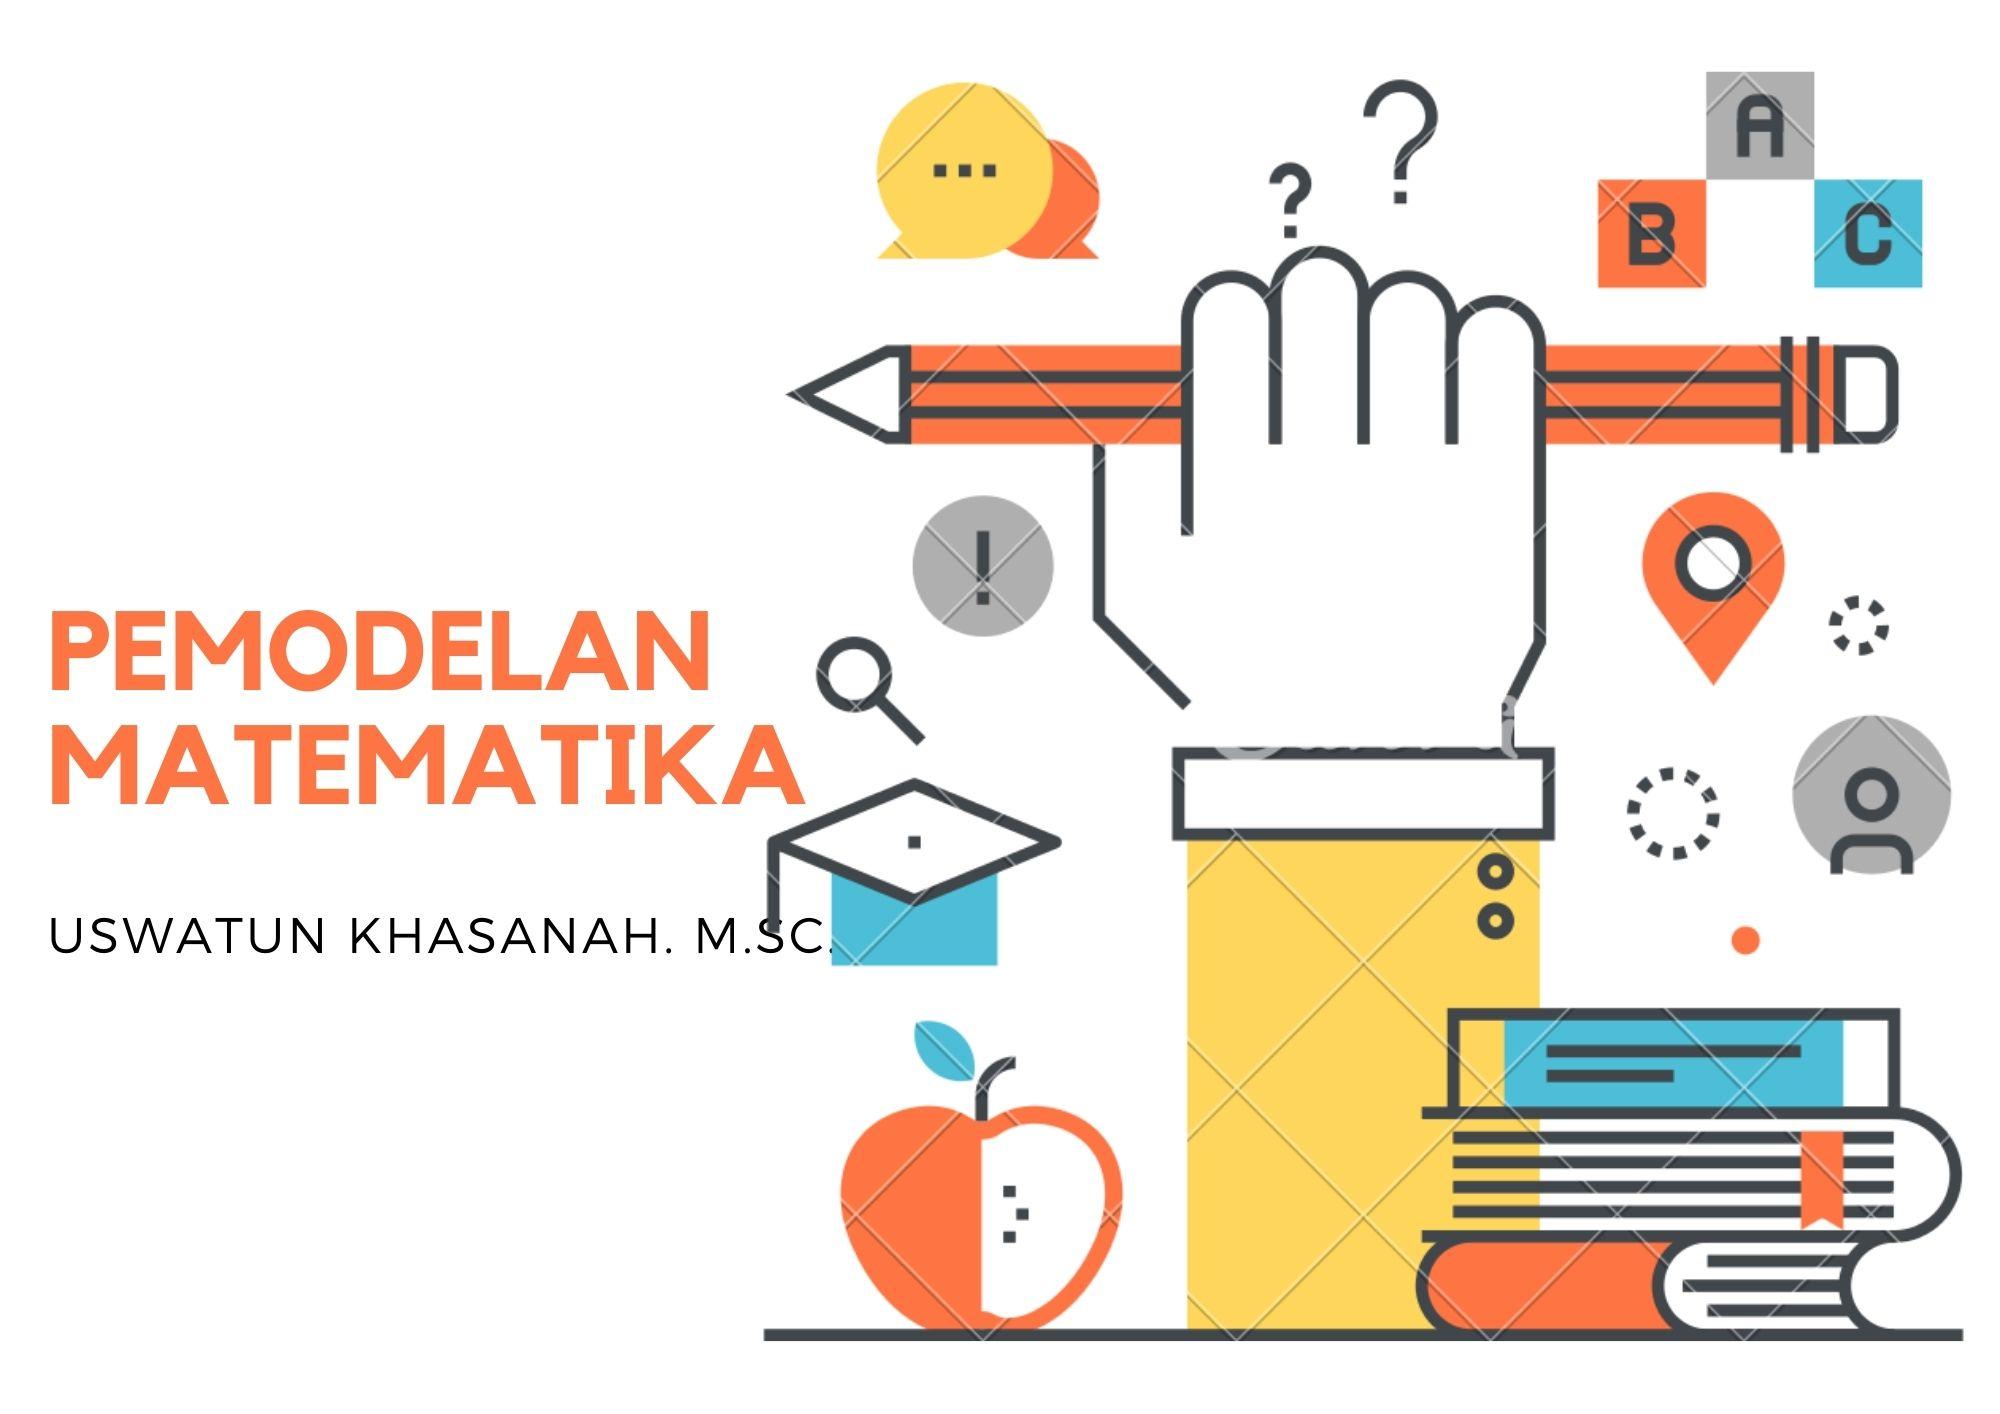 Pemodelan Matematika (Uswatun Khasanah, M.Sc.)